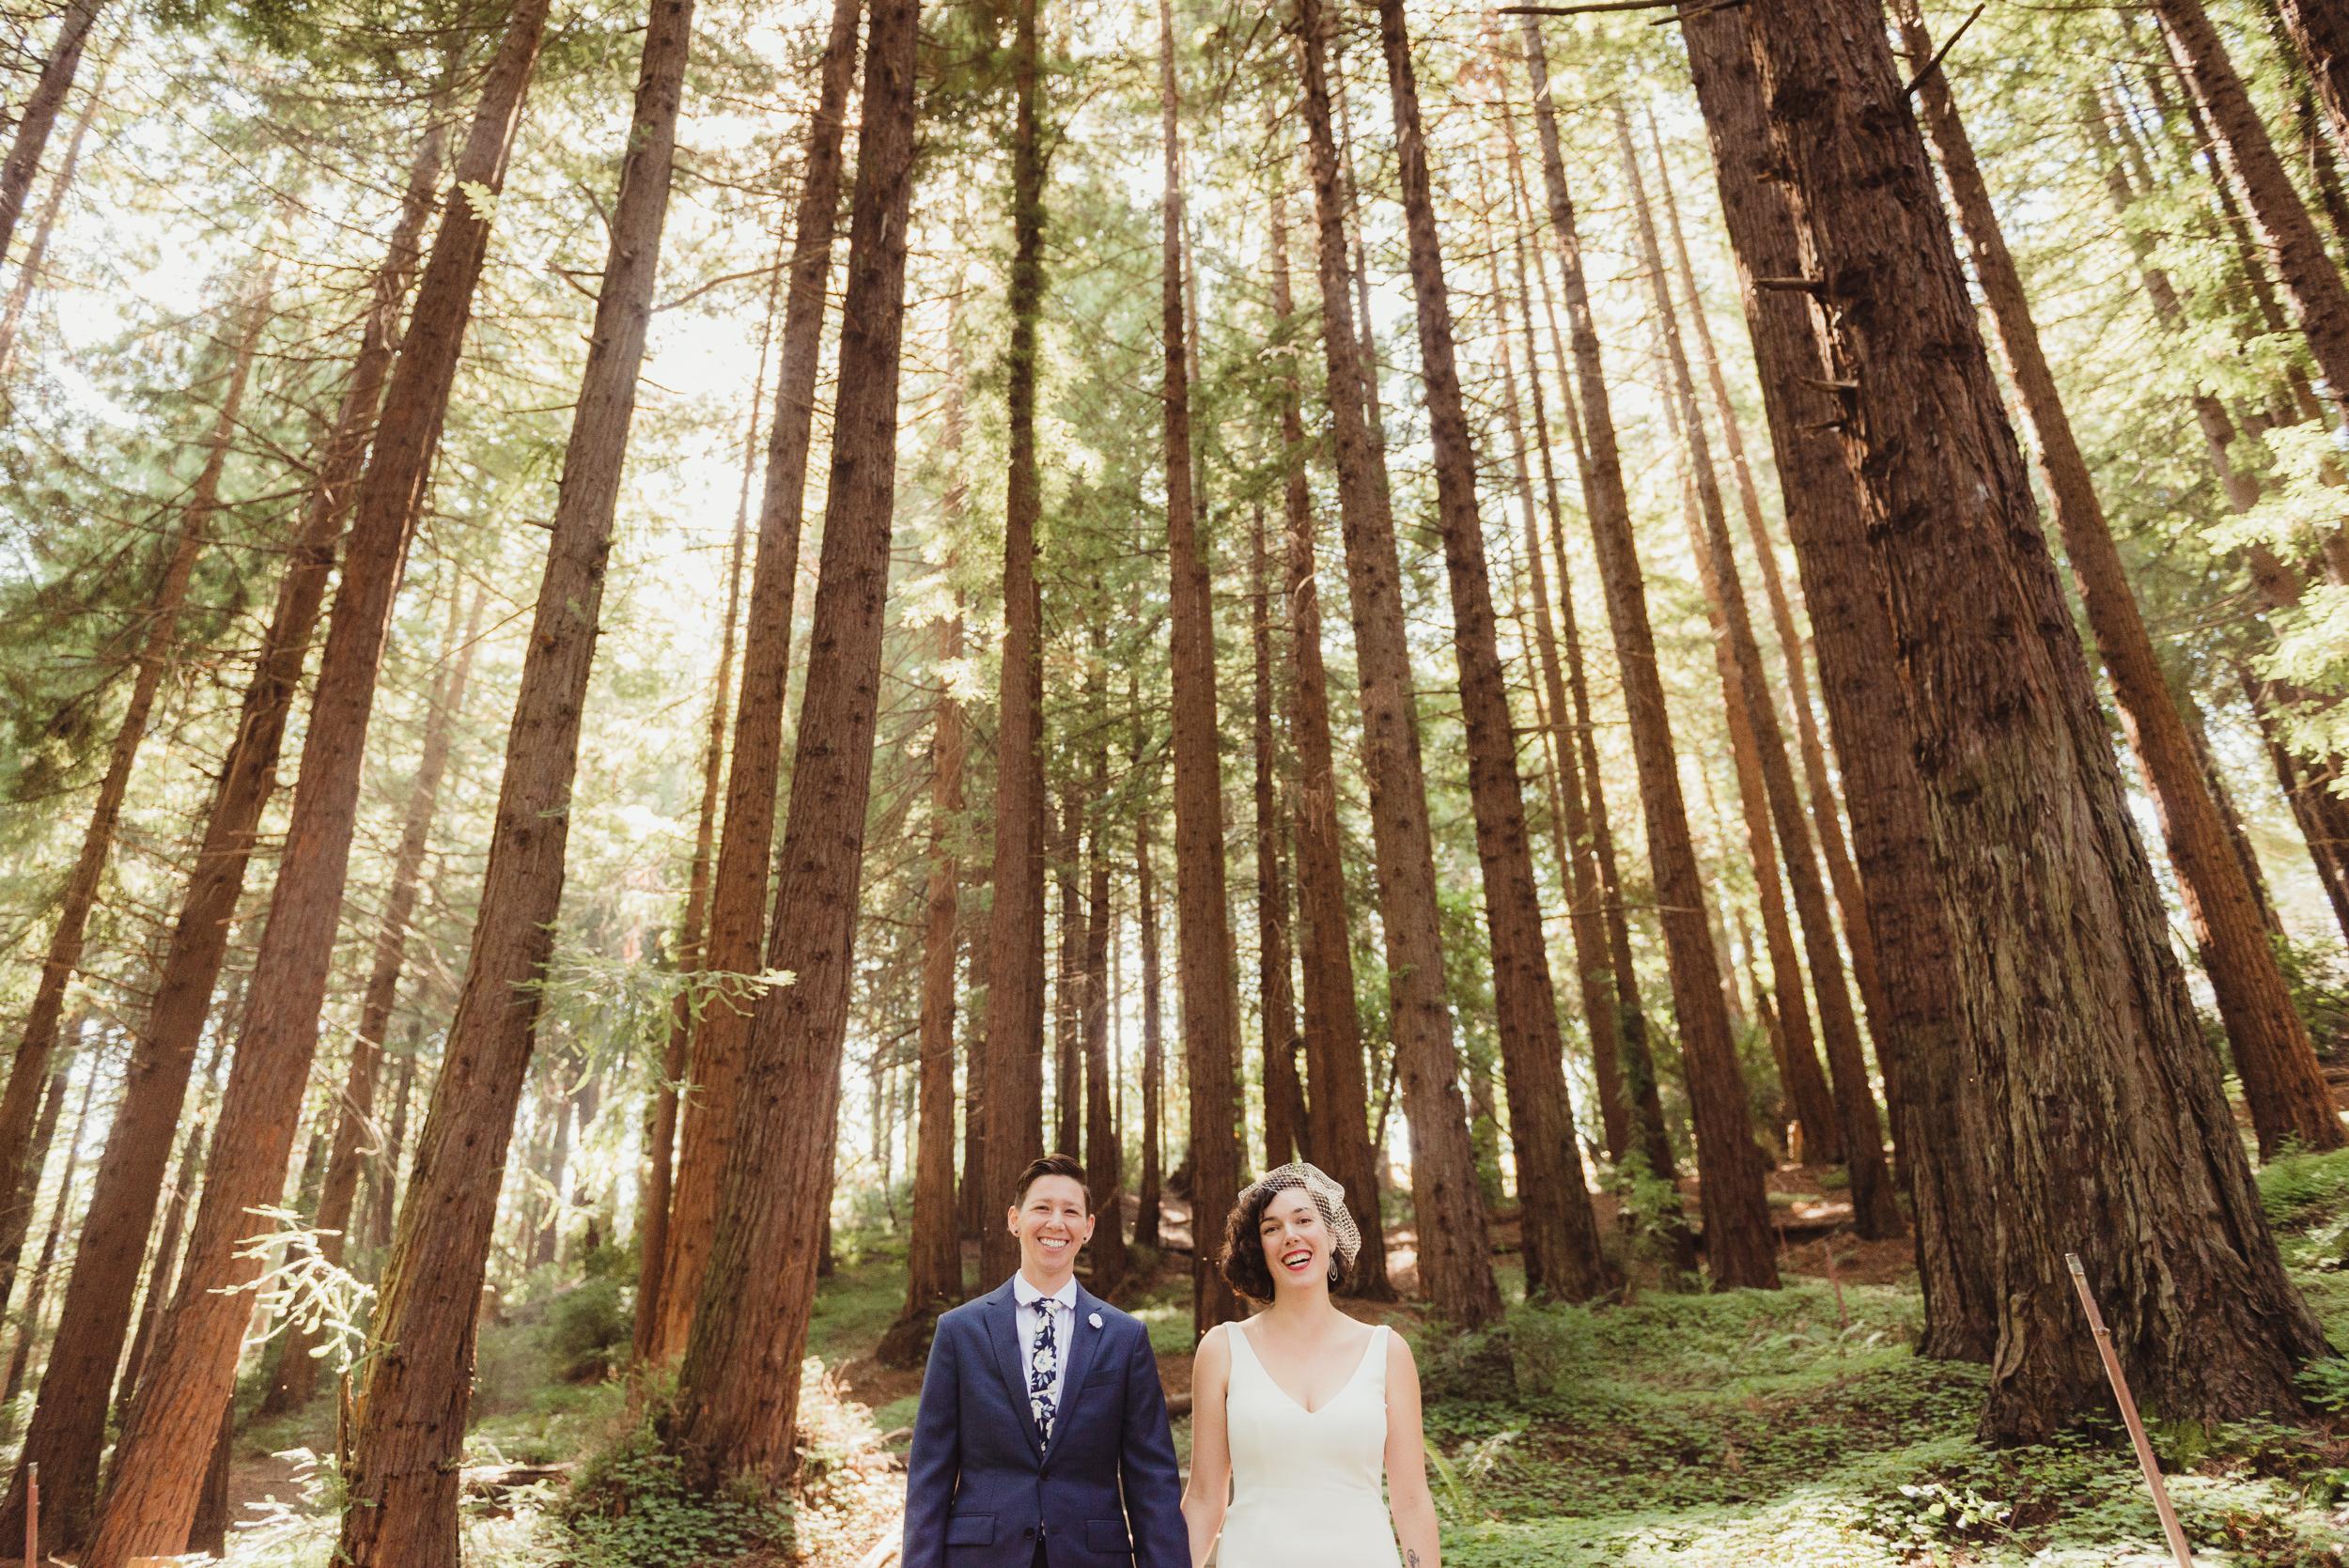 lgbtq-uc-berkeley-botanical-garden-wedding-vivianchen-049.jpg